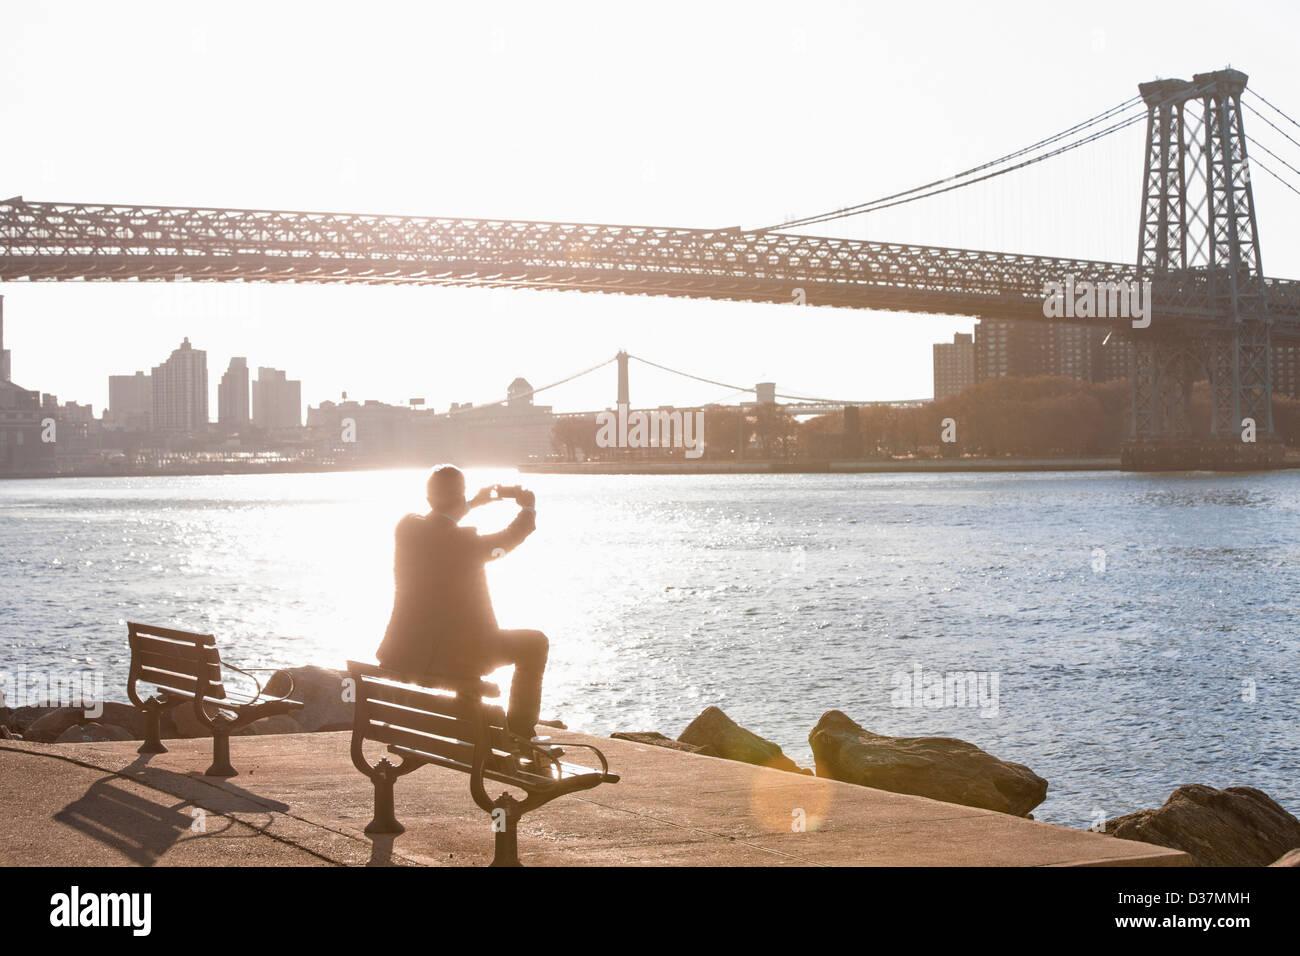 Uomo di scattare le foto del ponte urbano Immagini Stock